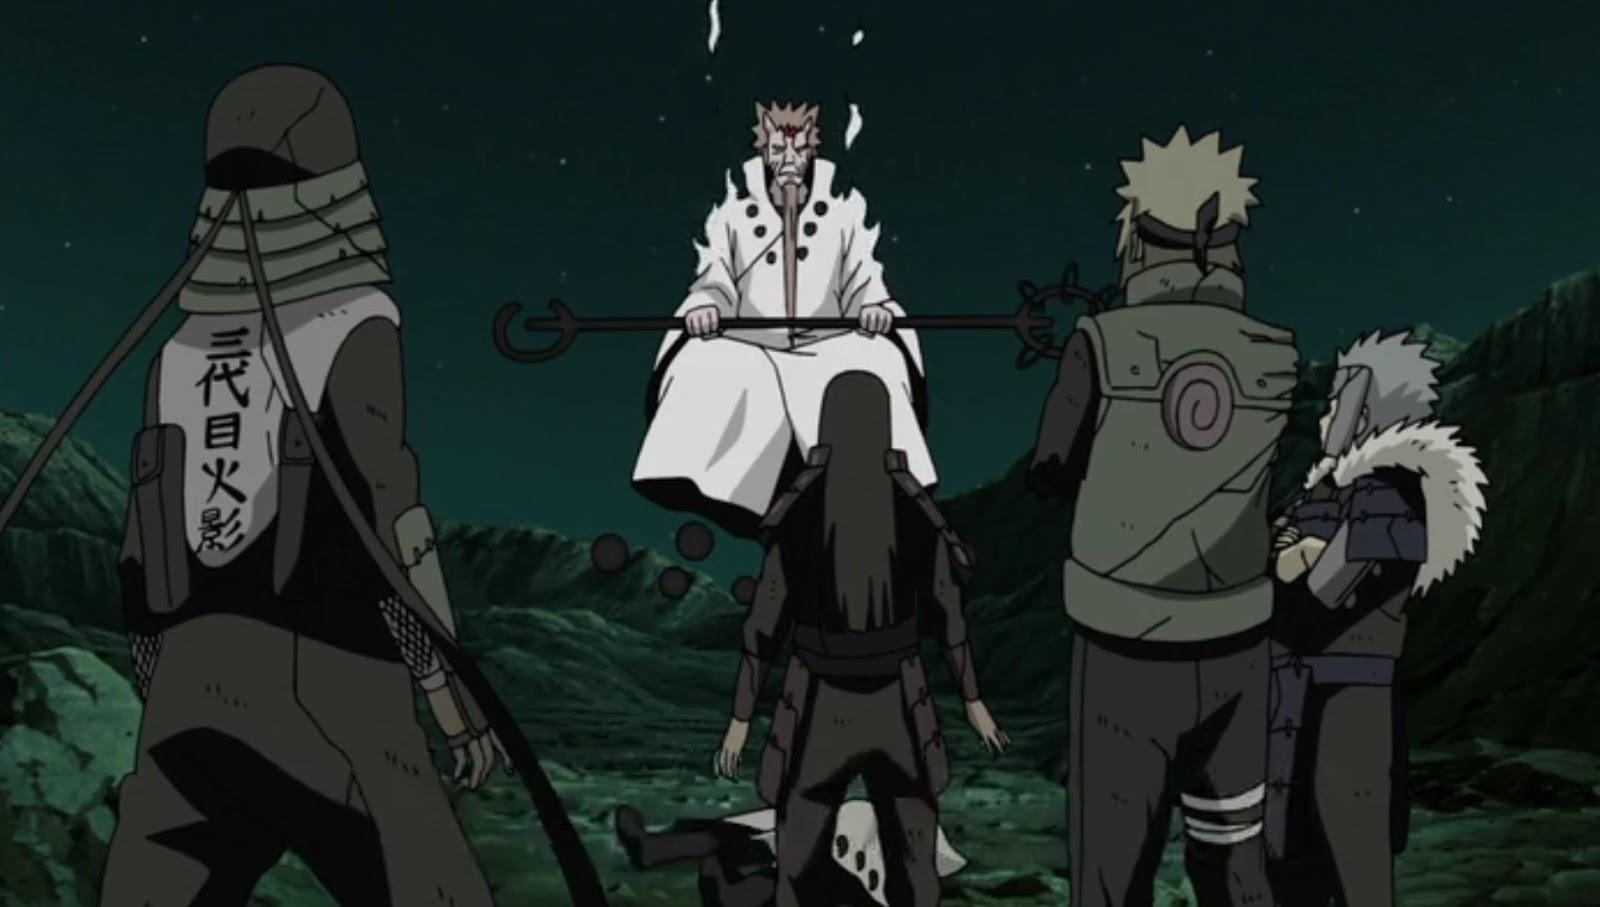 Naruto Shippuden Episódio 464, Assistir Naruto Shippuden Episódio 464, Assistir Naruto Shippuden Todos os Episódios Legendado, Naruto Shippuden episódio 464,HD